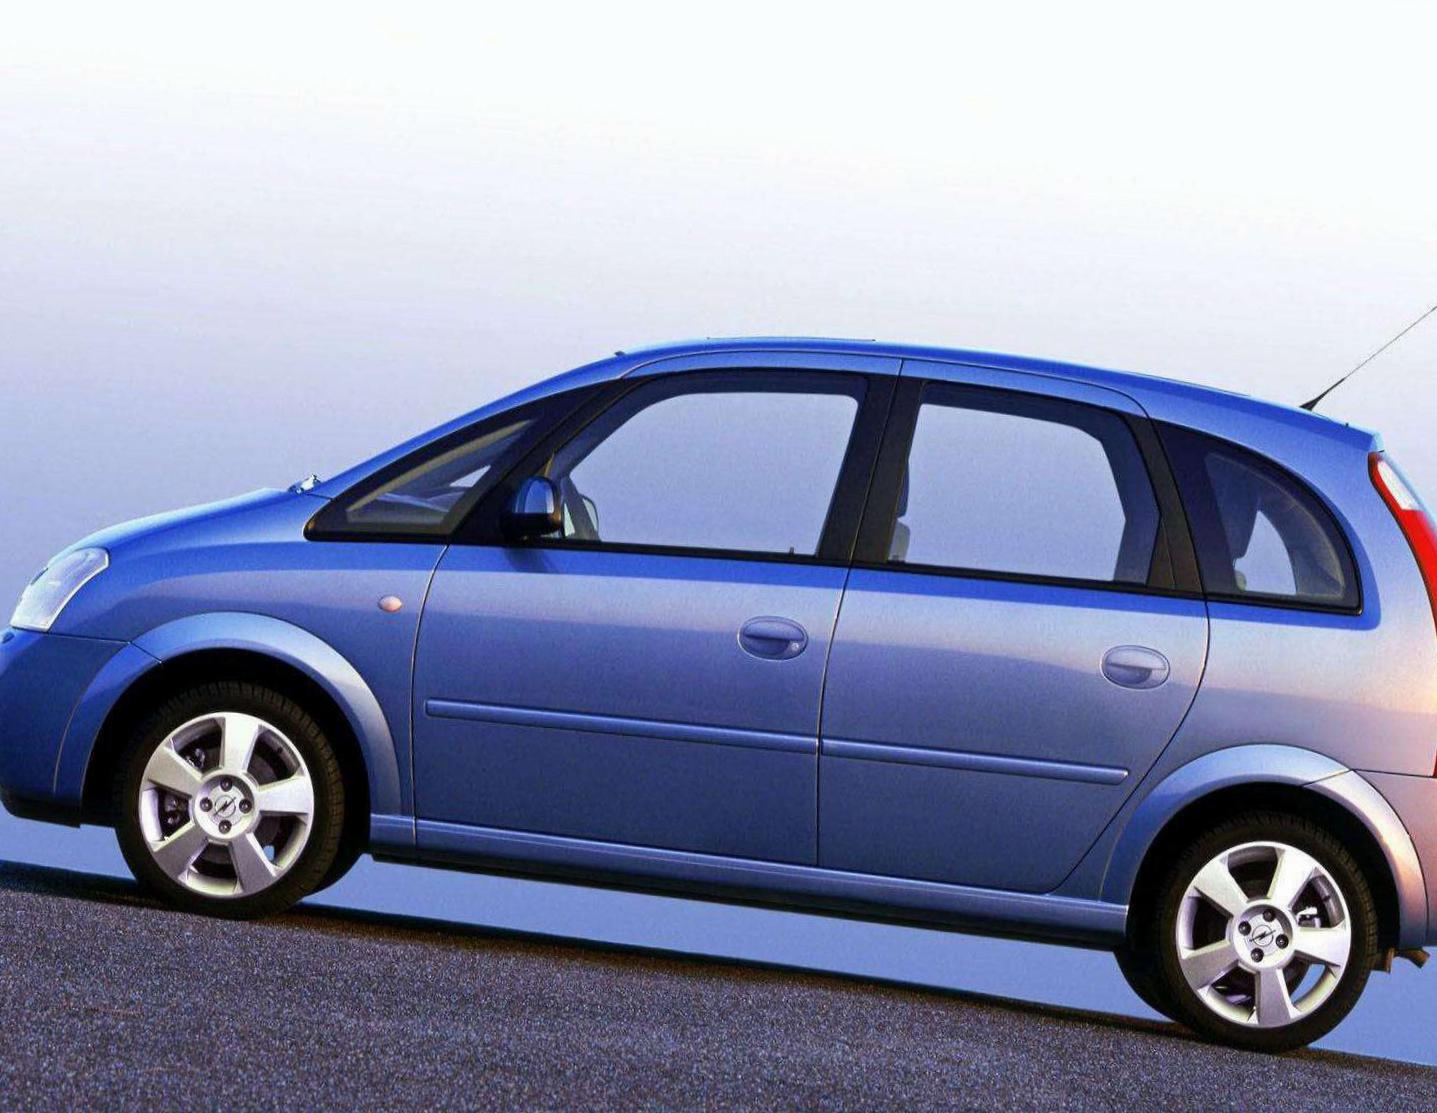 Opel Meriva A Photos And Specs Photo Meriva A Opel Tuning And 24 Perfect Photos Of Opel Meriva A